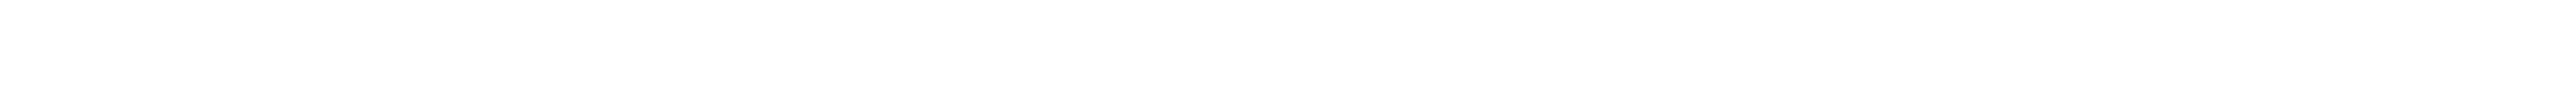 קנבס פורמט ריבוע - פסוקים - דוגמא - אמנות יודאיקה ייחודית